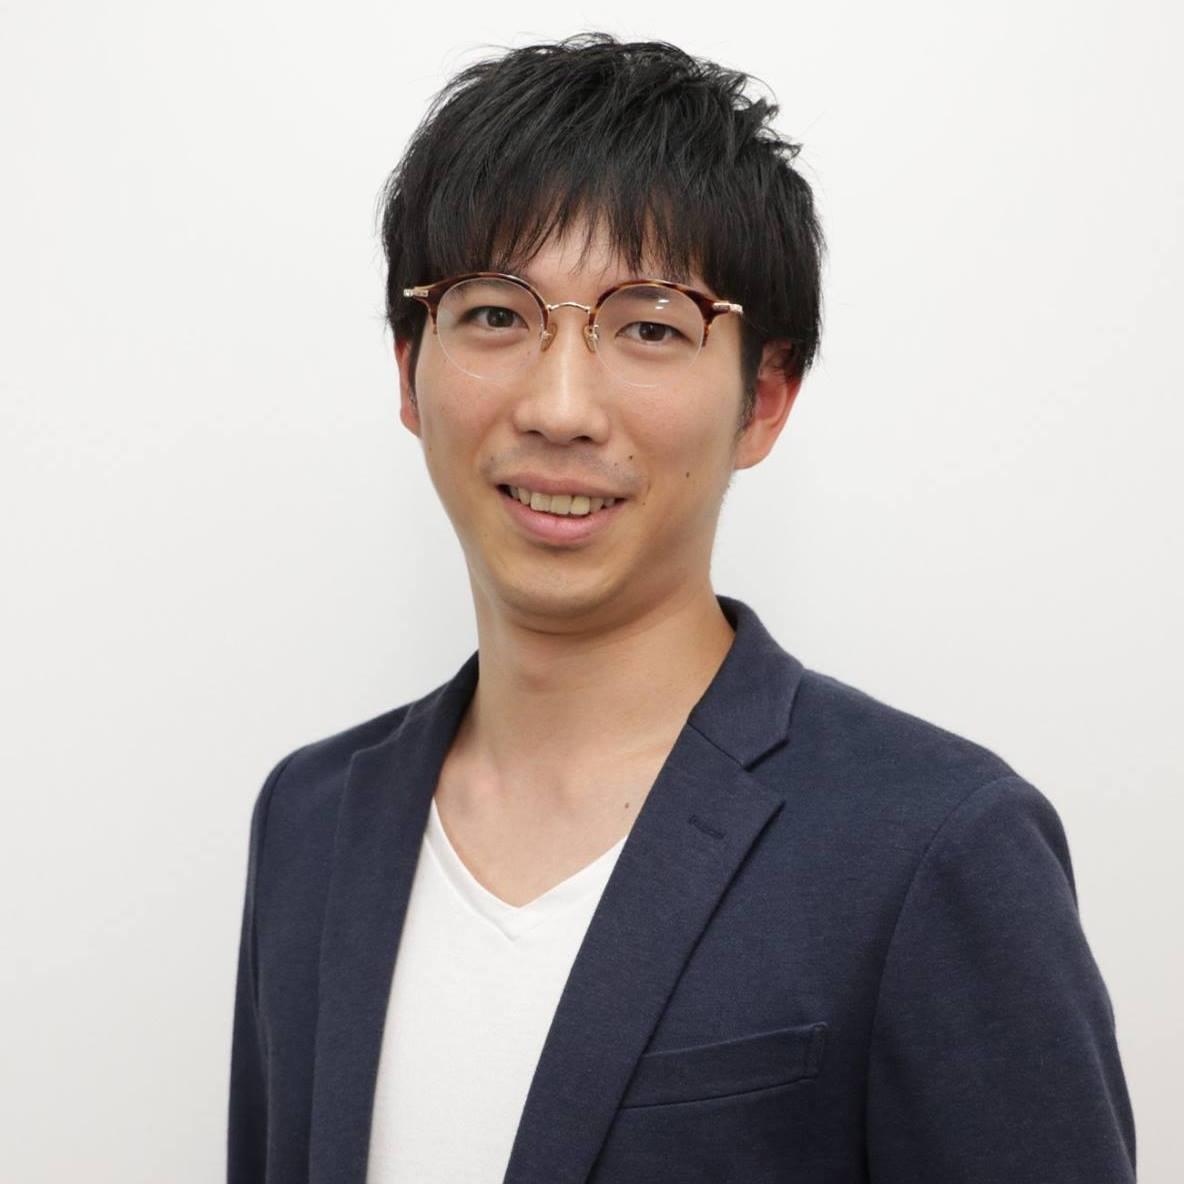 エンジニアチーム:秋山